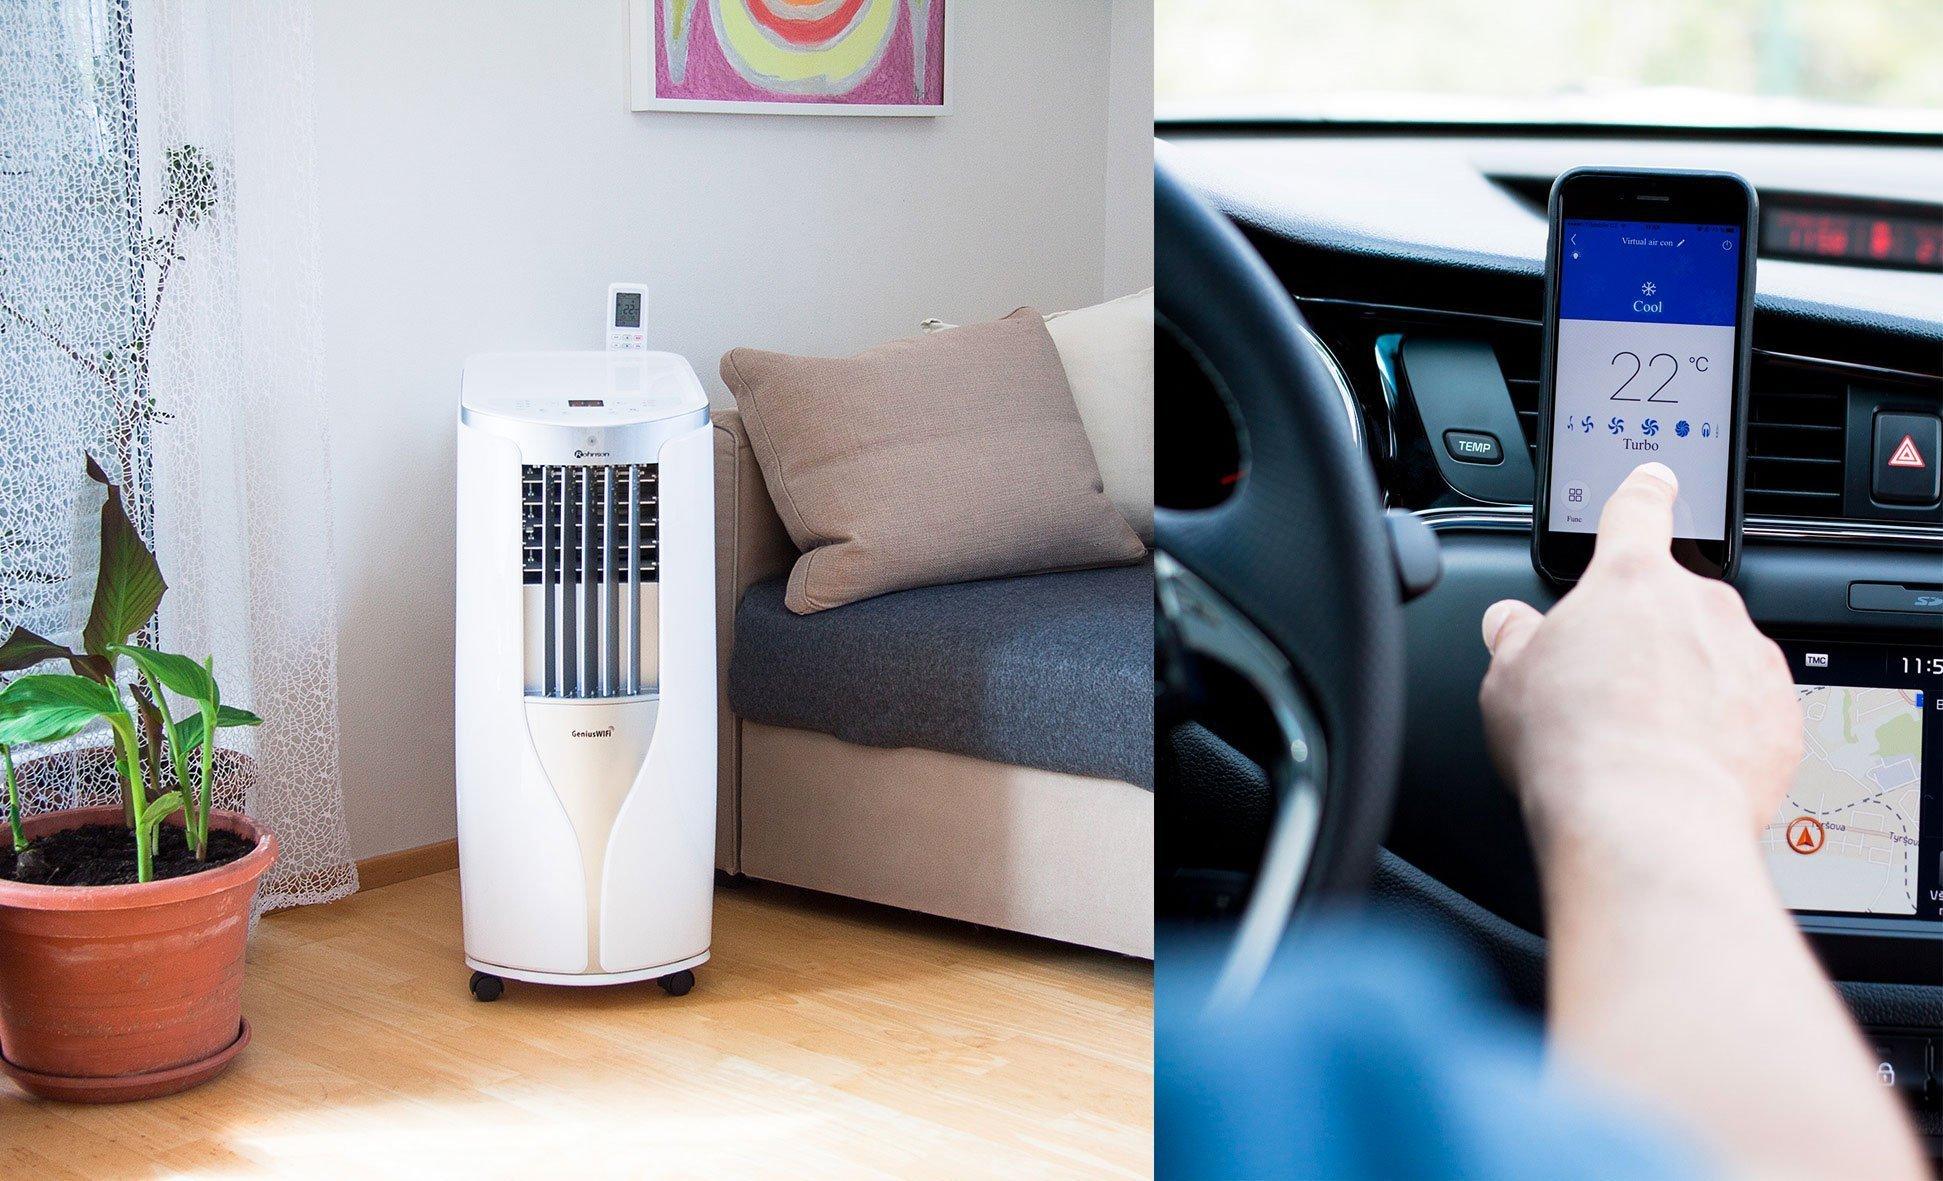 V letních vedrech oceníte mírné klima vašeho domova. Kvalitní klimatizace dokáže váš domov nejen ochladit, ale také účinně odvlhčit, navíc můžete využít třeba i ovládání přes telefon nebo centrální jednotku chytré domácnosti.